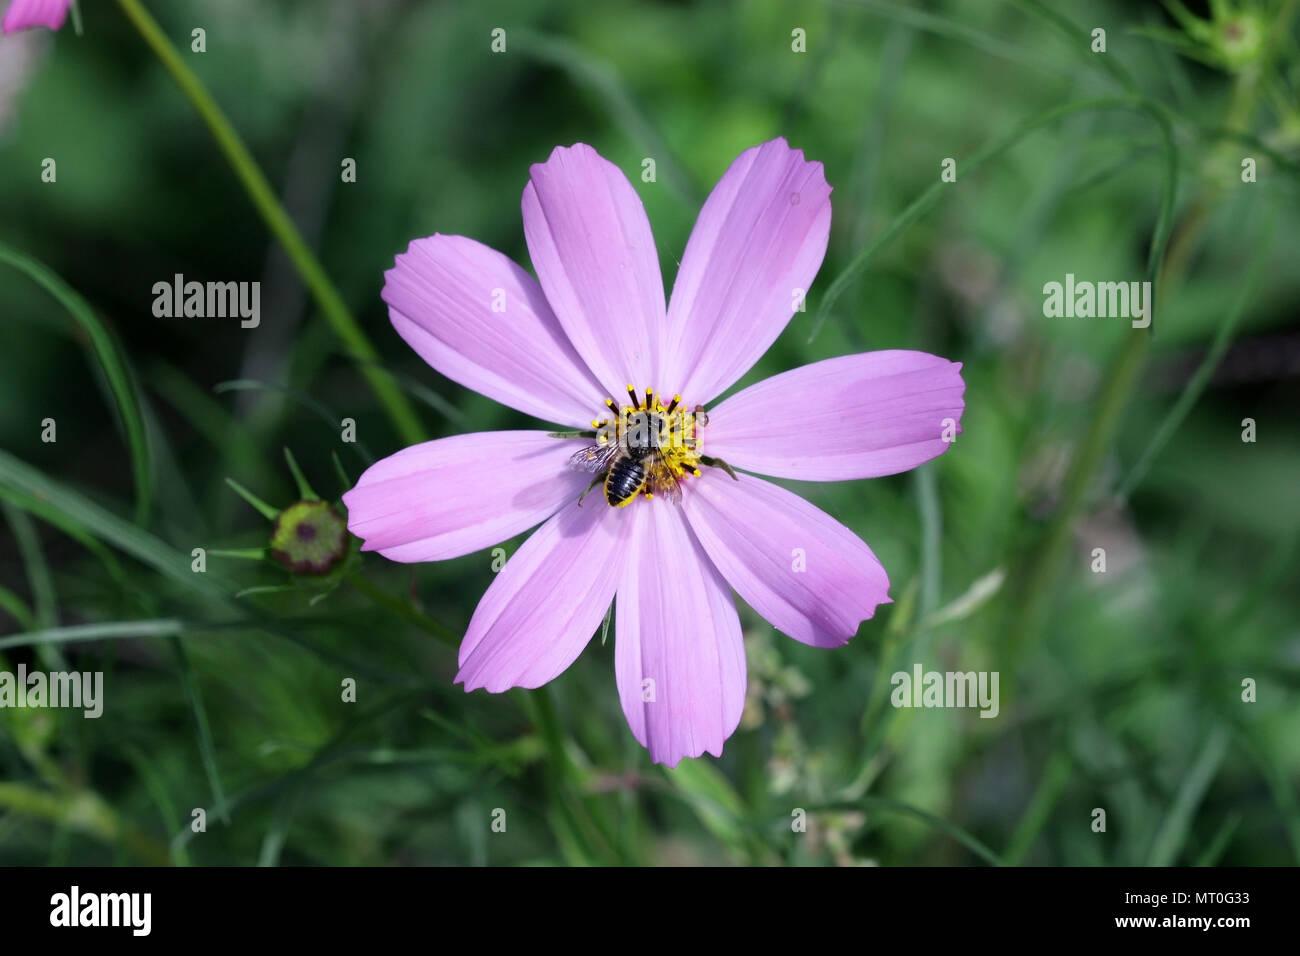 Biene auf der Blume Kosmos von leicht lila Farbe auf ein grünes Gemüse Hintergrund es horizontal ist. Close Up. Makro. Familie der Asteraceae Stockbild